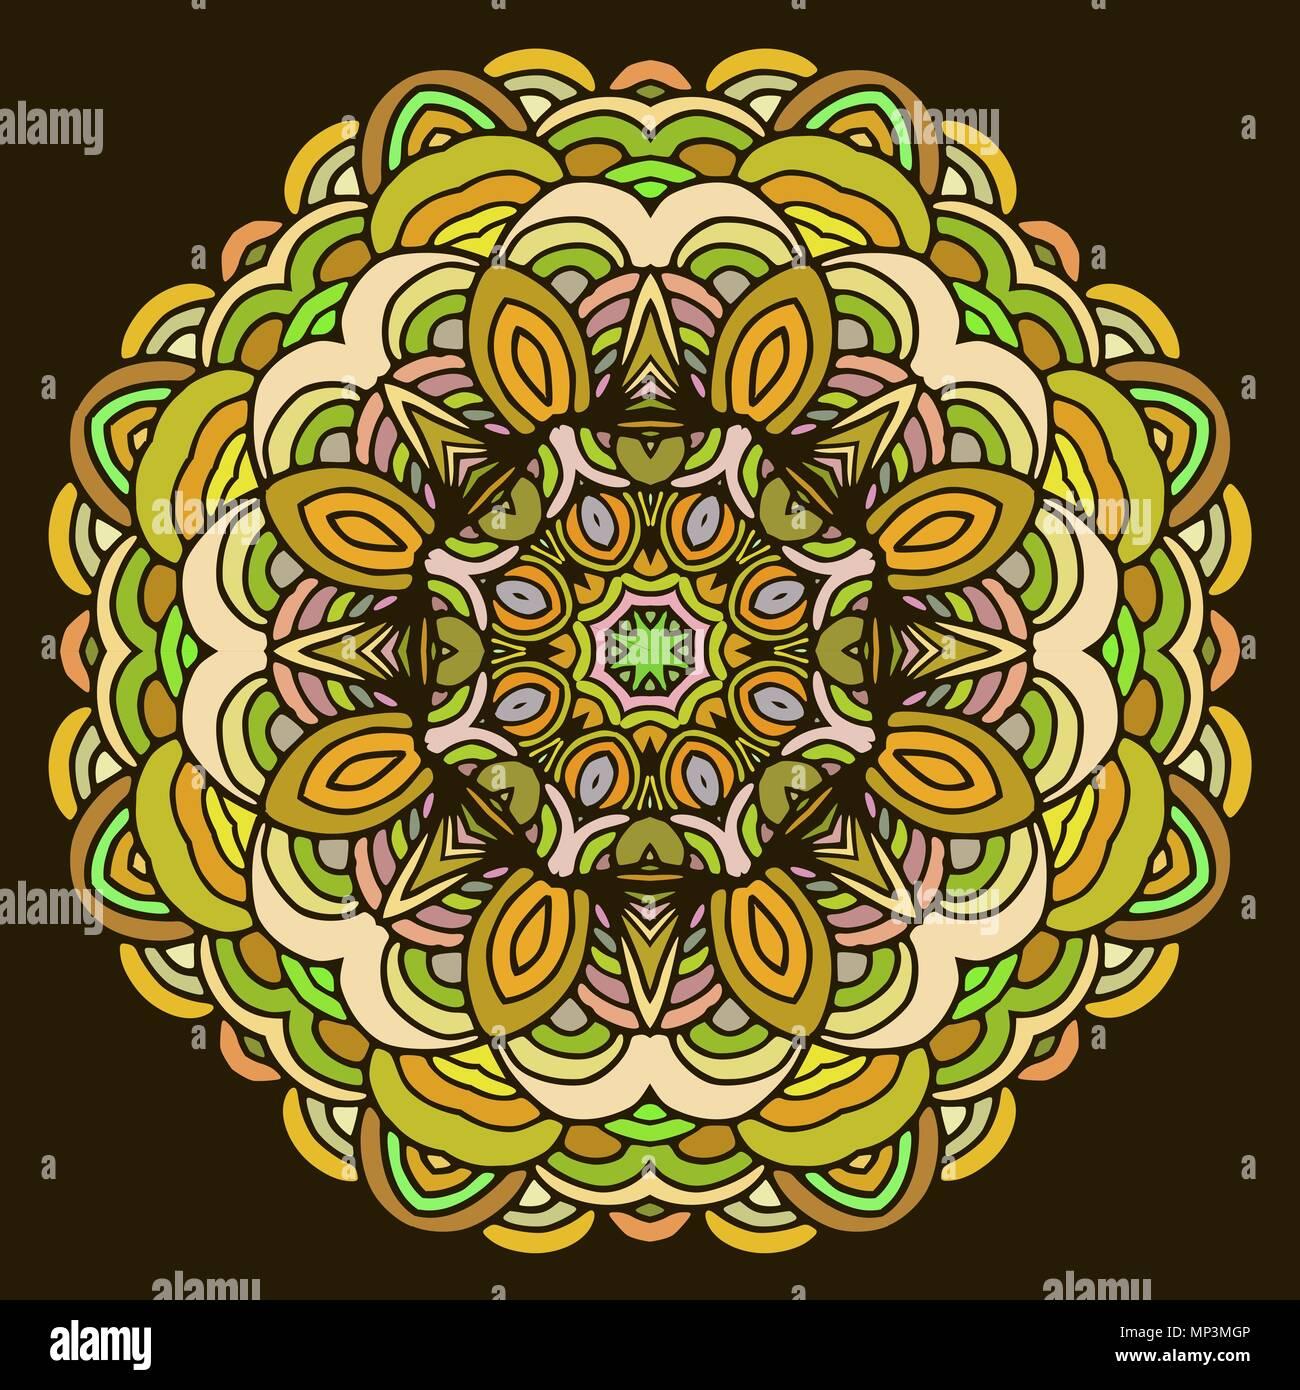 La Main Ornement Colore Mandala Sur Fond Sombre Cercle Geometrique